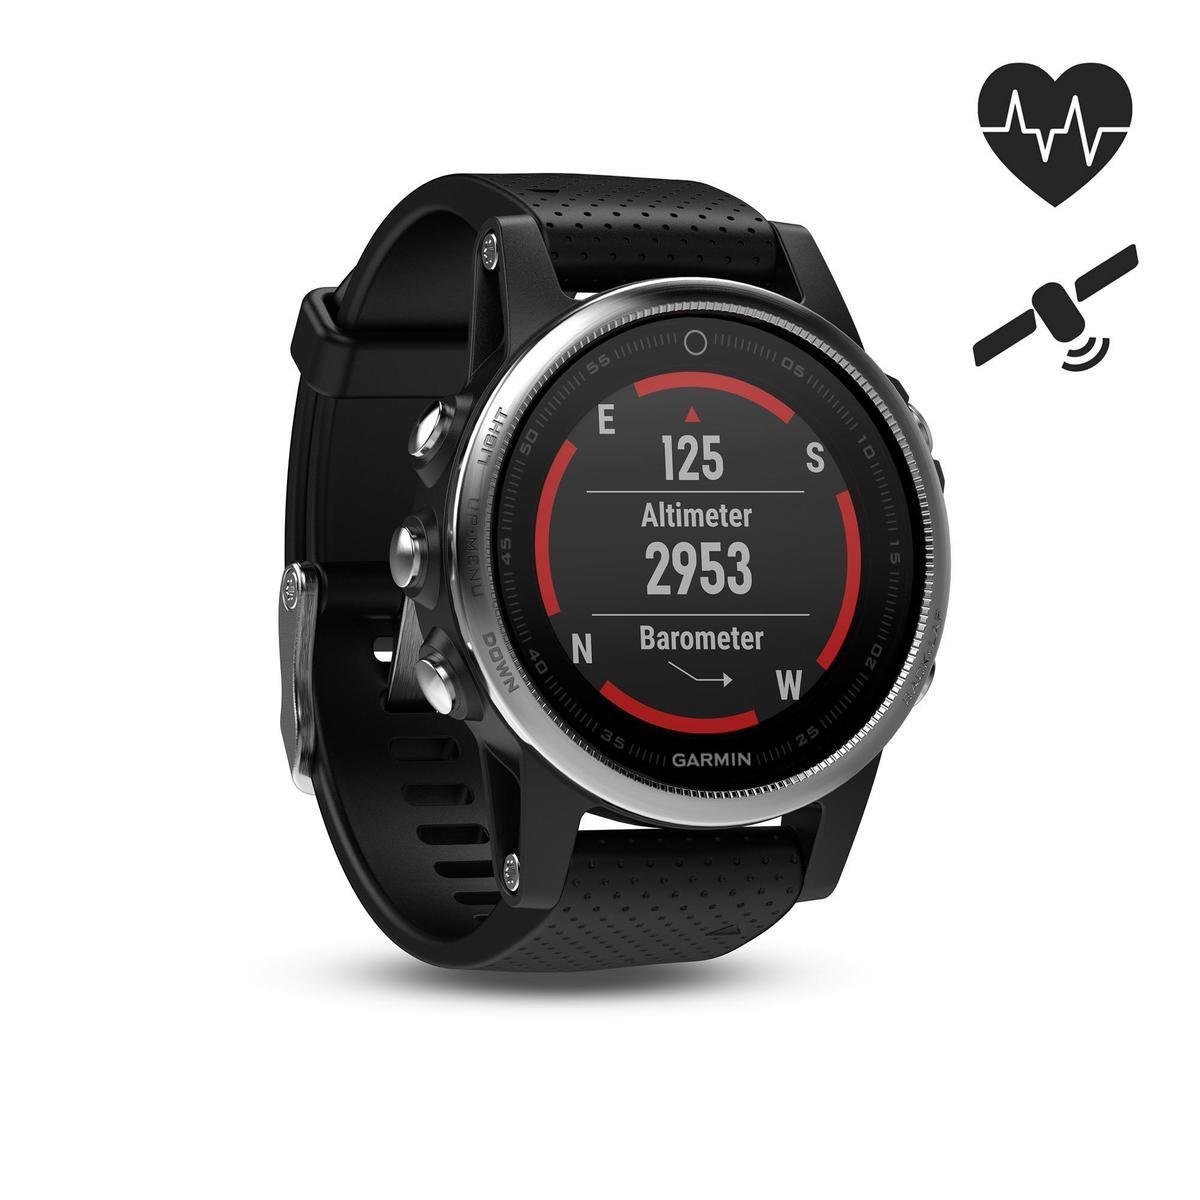 Bild 1 von GPS-Pulsuhr Fenix 5S Multisport HRM silber/schwarz